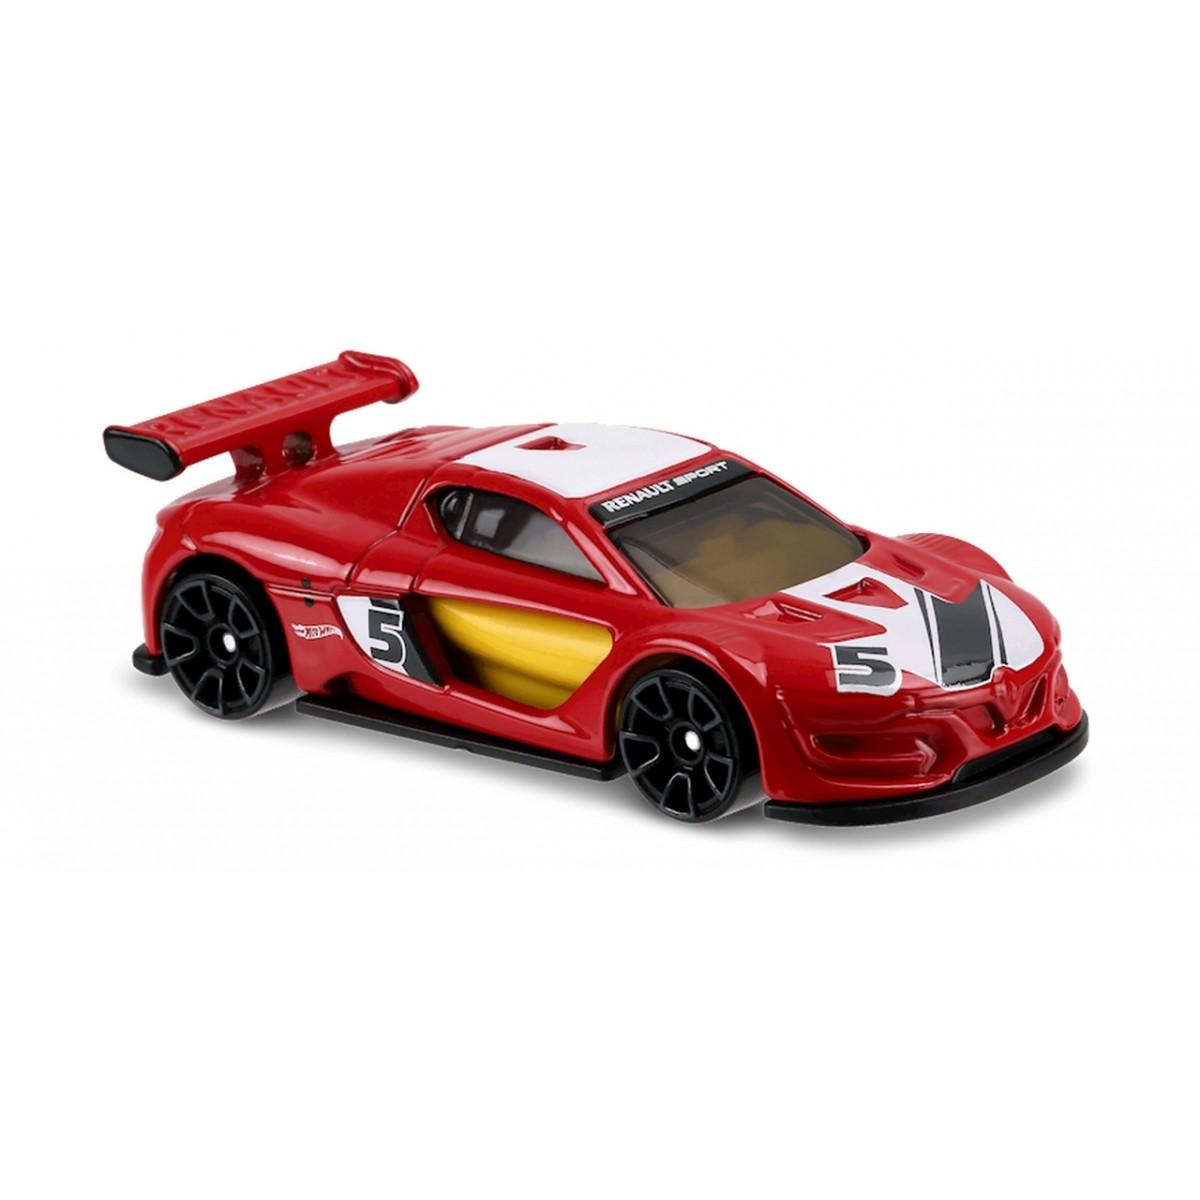 Carrinho Hot Wheels: Renault Sport R.S. 01 Vermelho